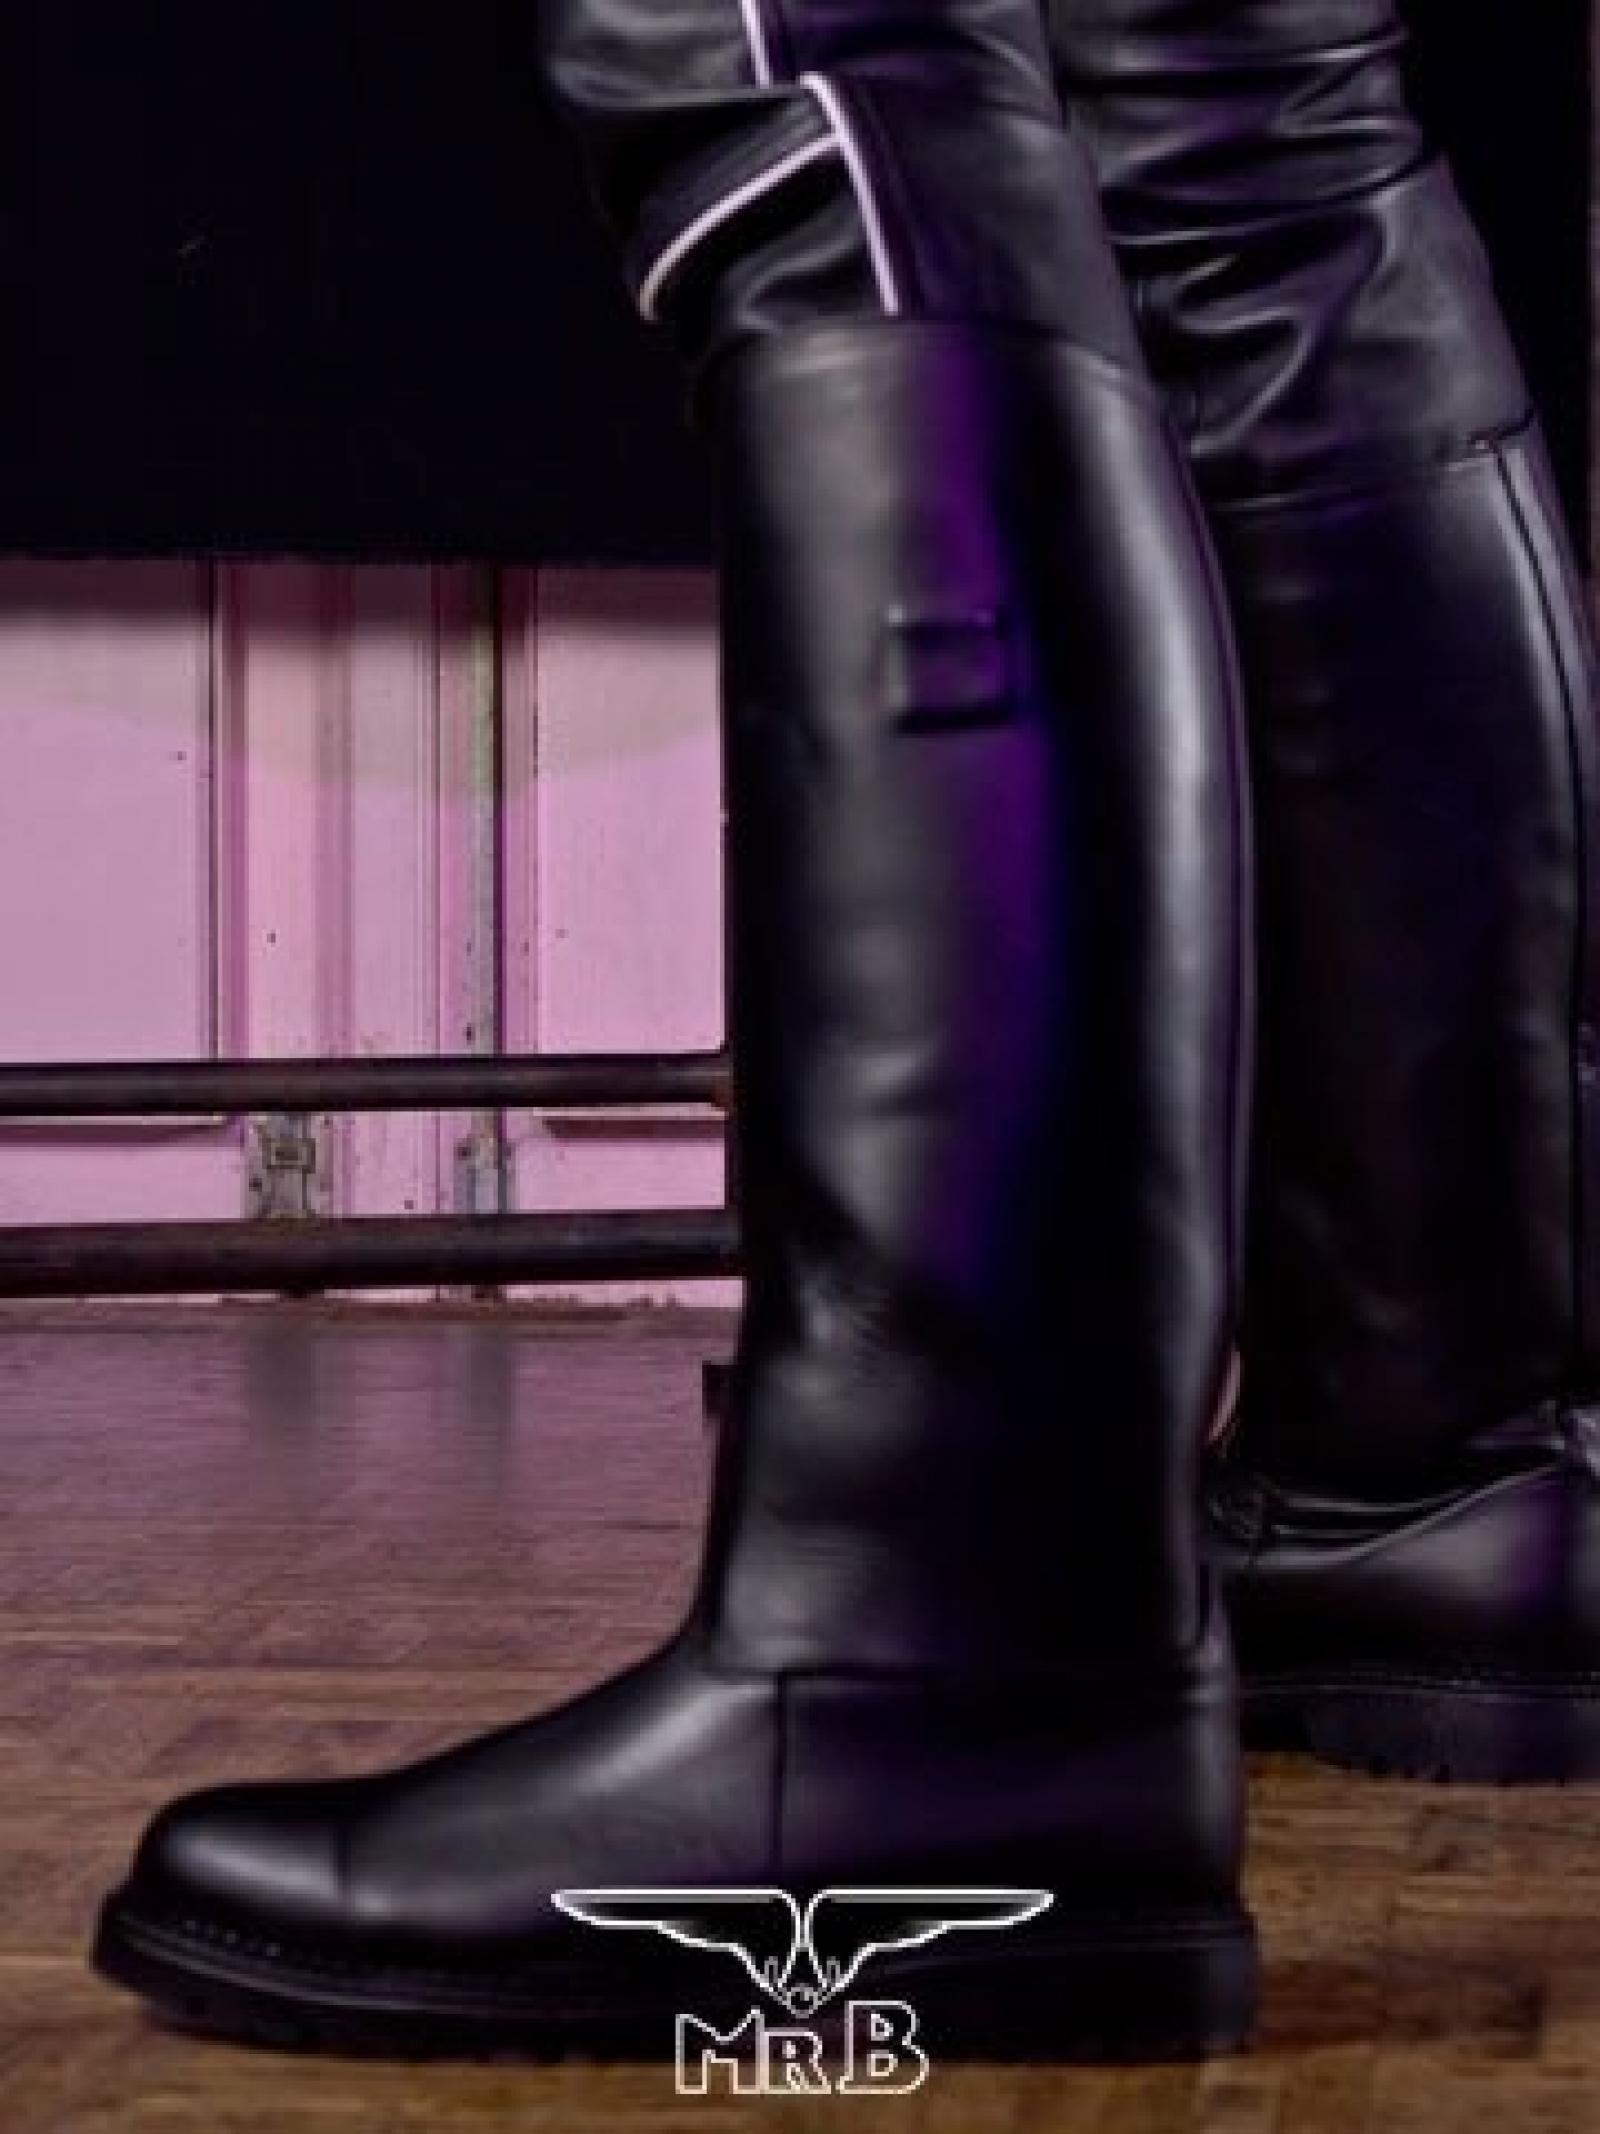 Polizeistiefel Leder police motor patrol boots schwarz höhe 44,5 Lederboots Mottoradstiefel Original Polizei Boots Premium Qualität